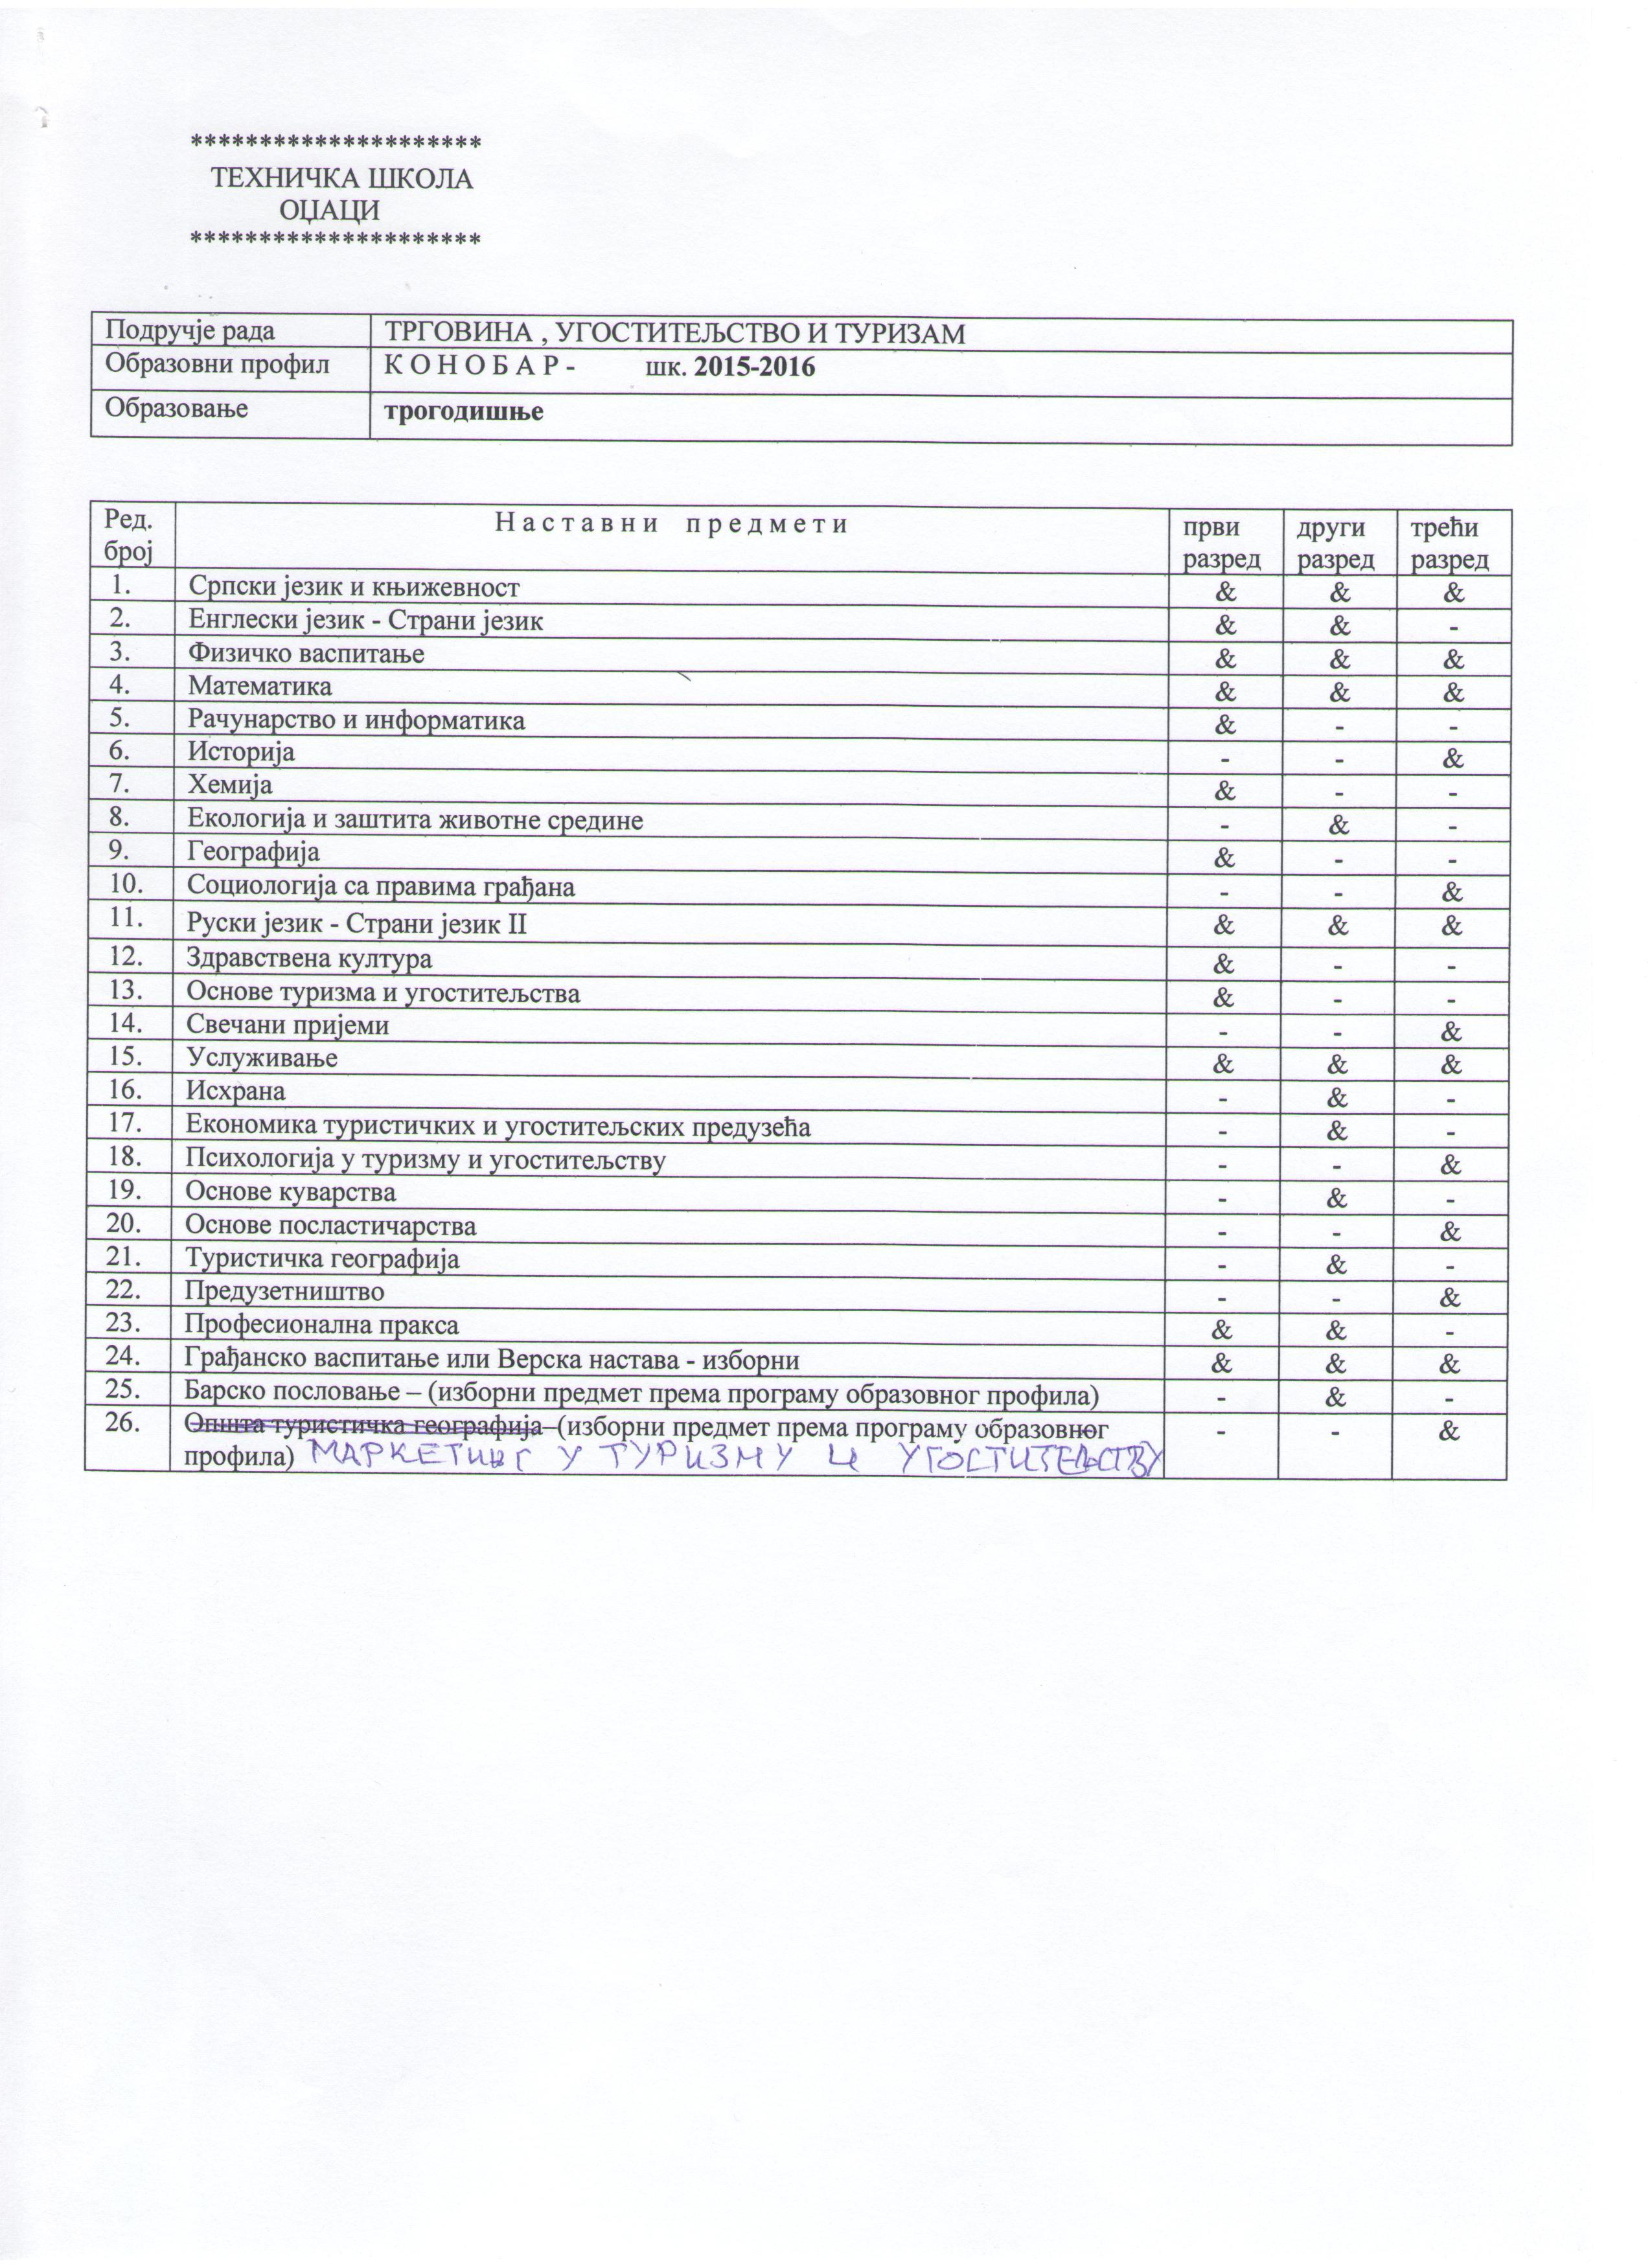 Наставни план и програм за образовни профил конобар 001